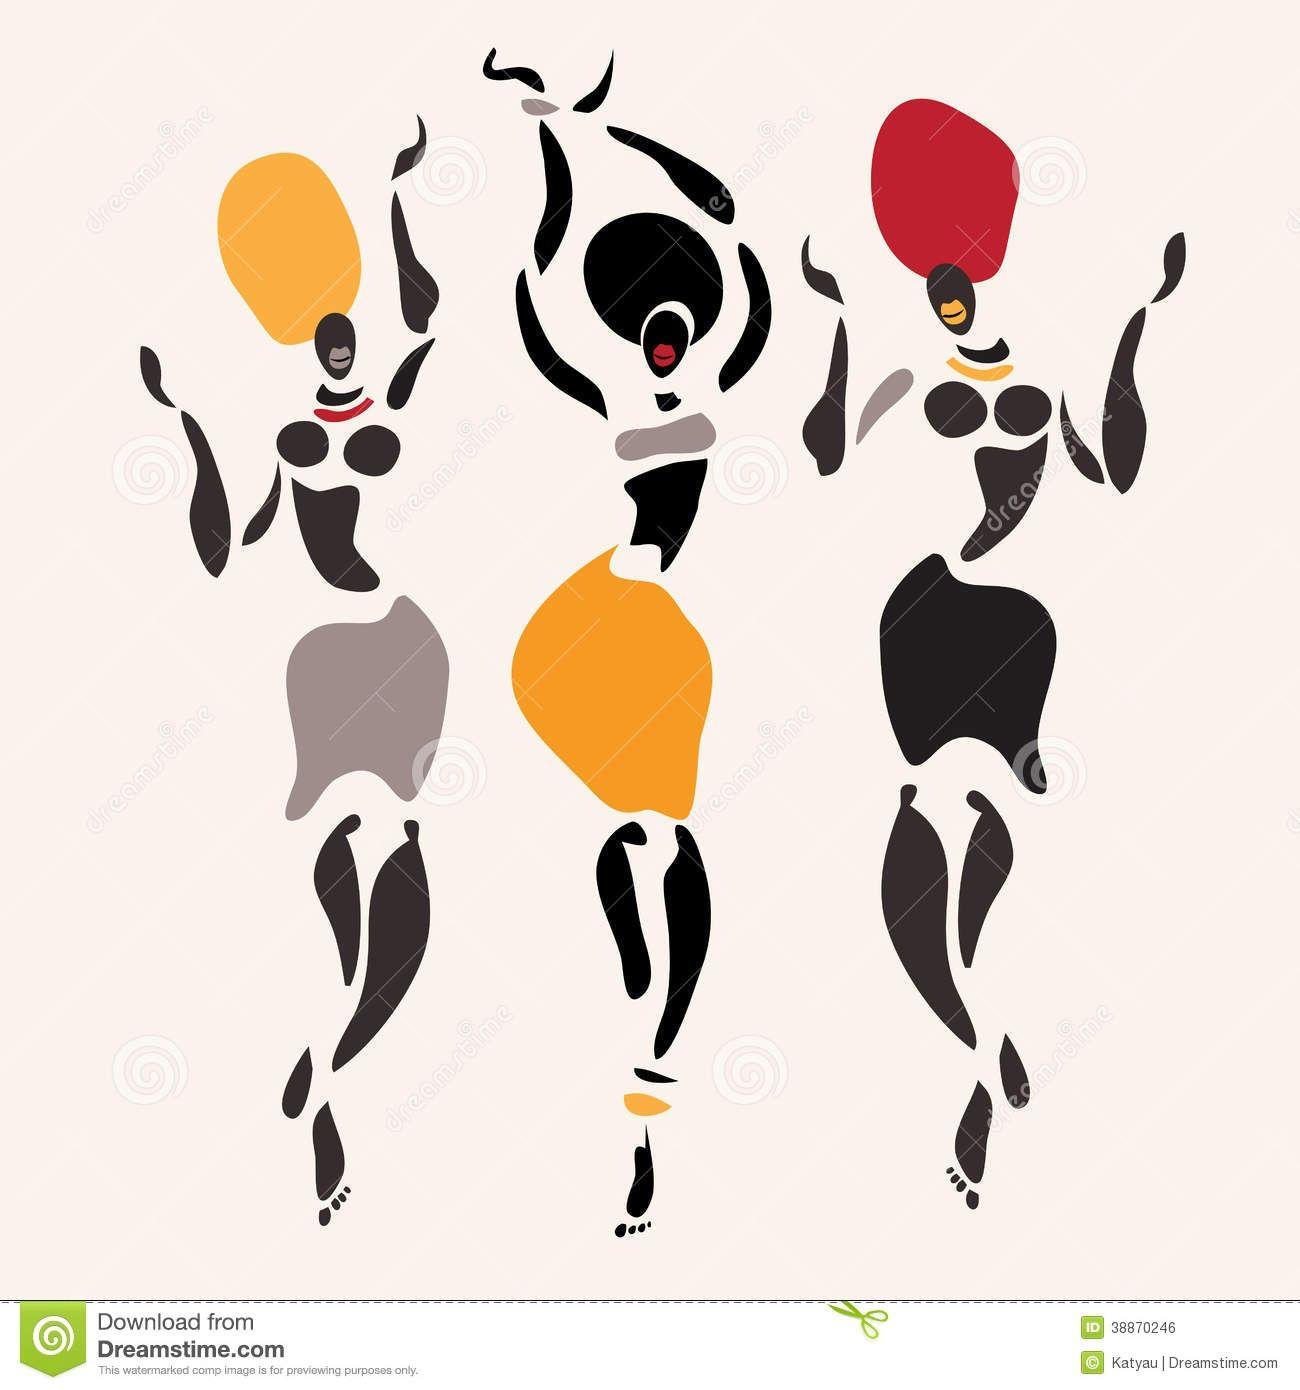 African clipart dancer african.  figures of dancers